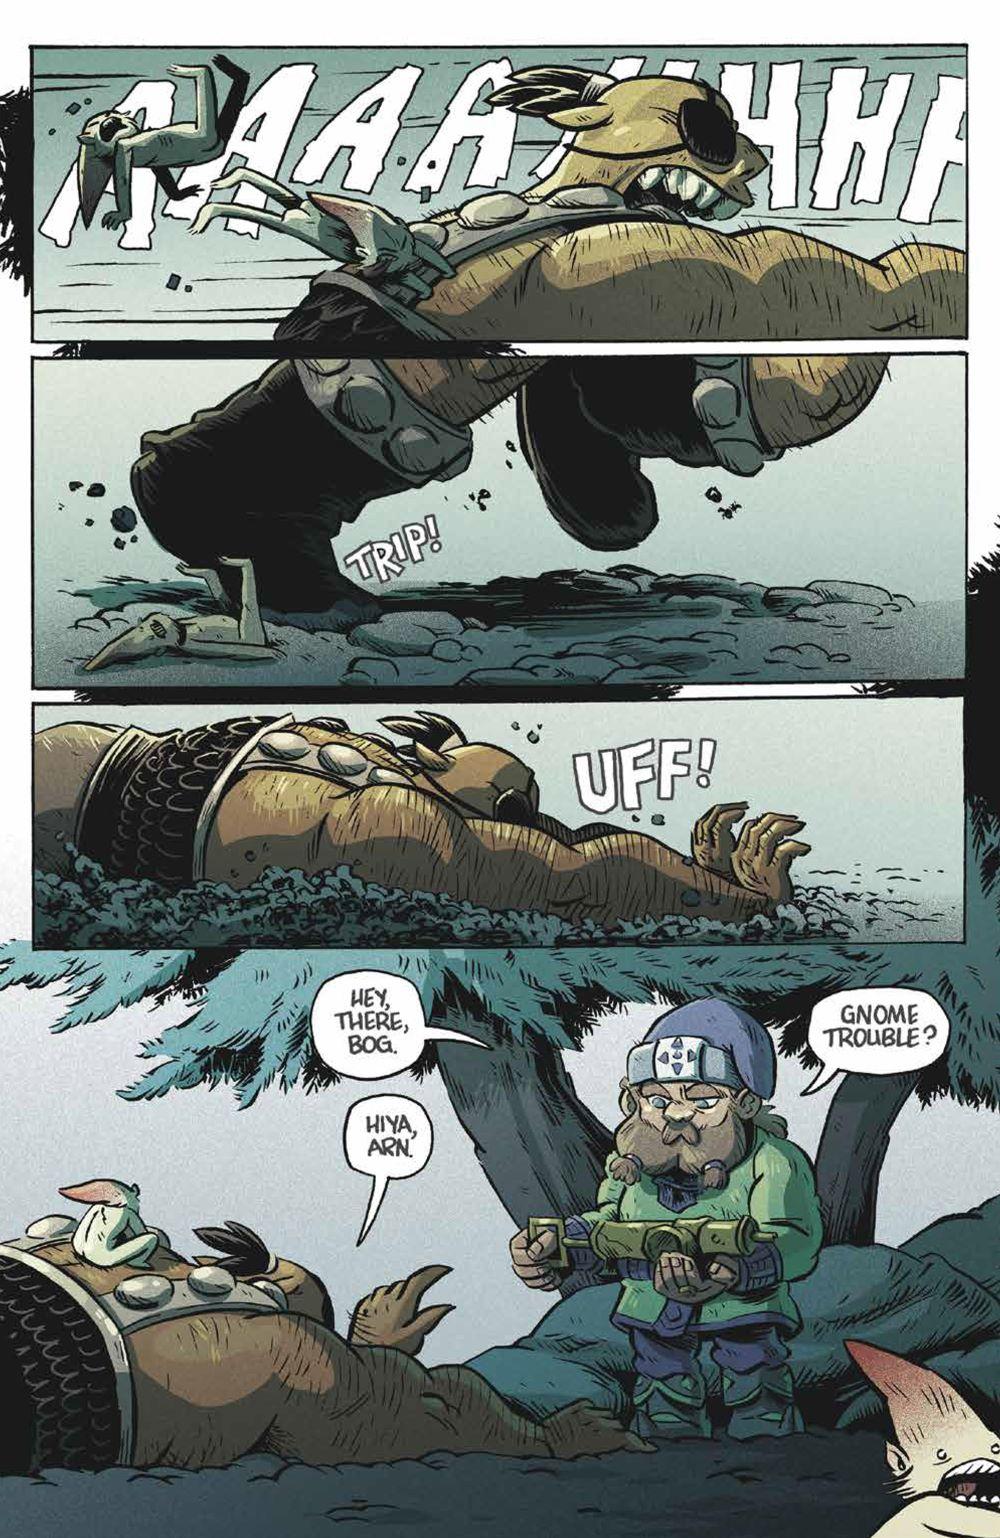 Orcs_004_PRESS_3 ComicList Previews: ORCS! #4 (OF 6)